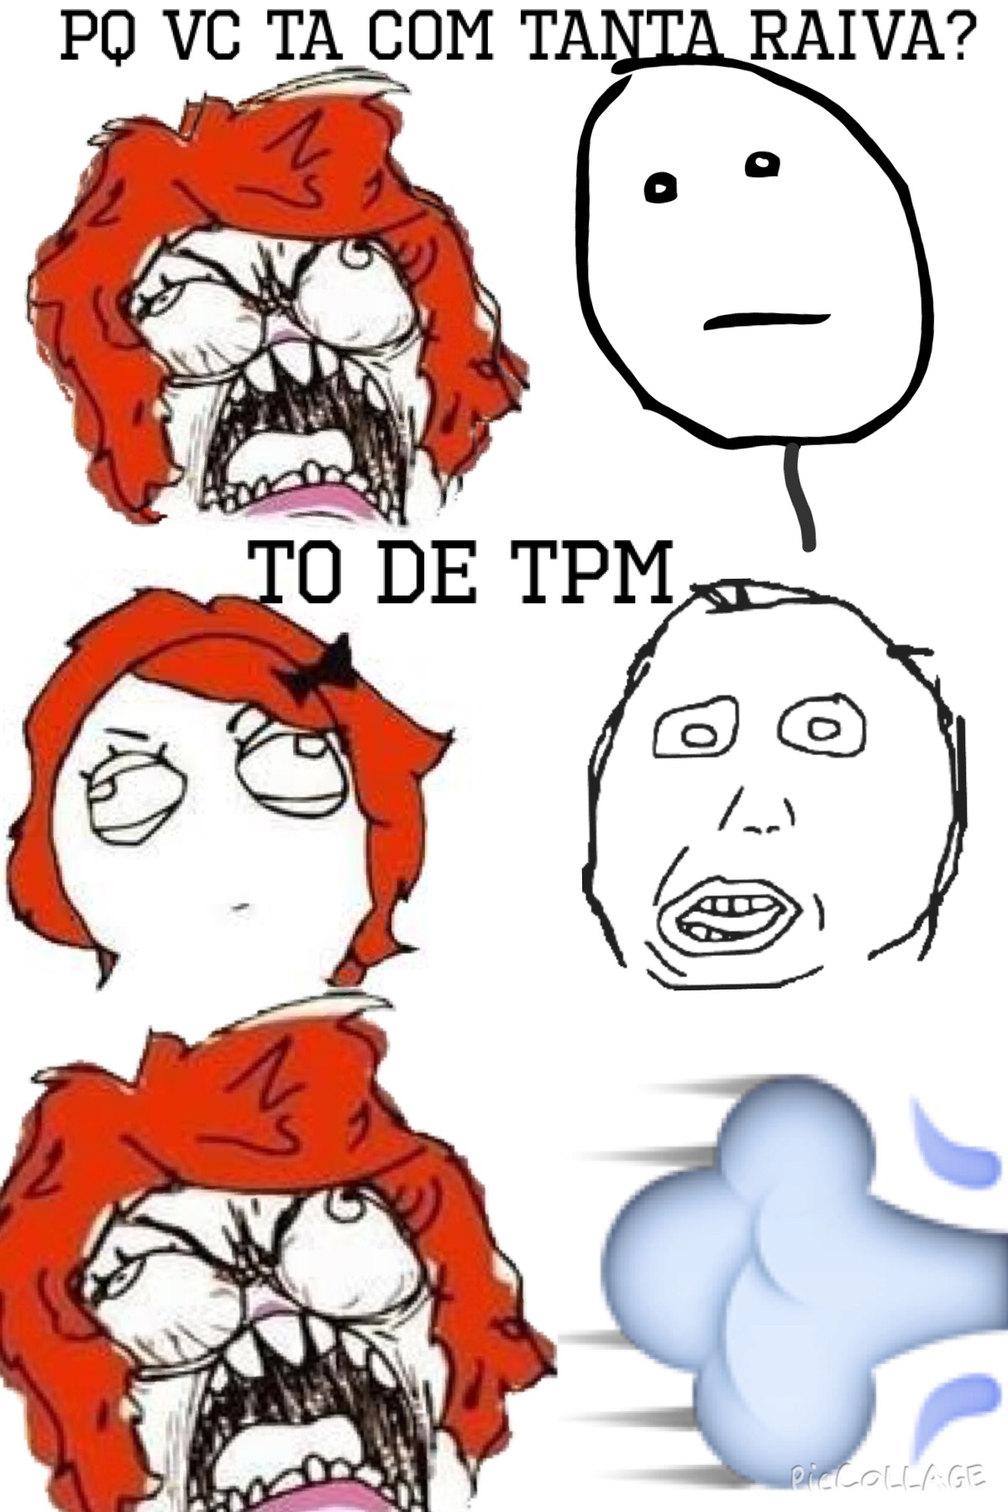 Titulo ta de tpm - meme